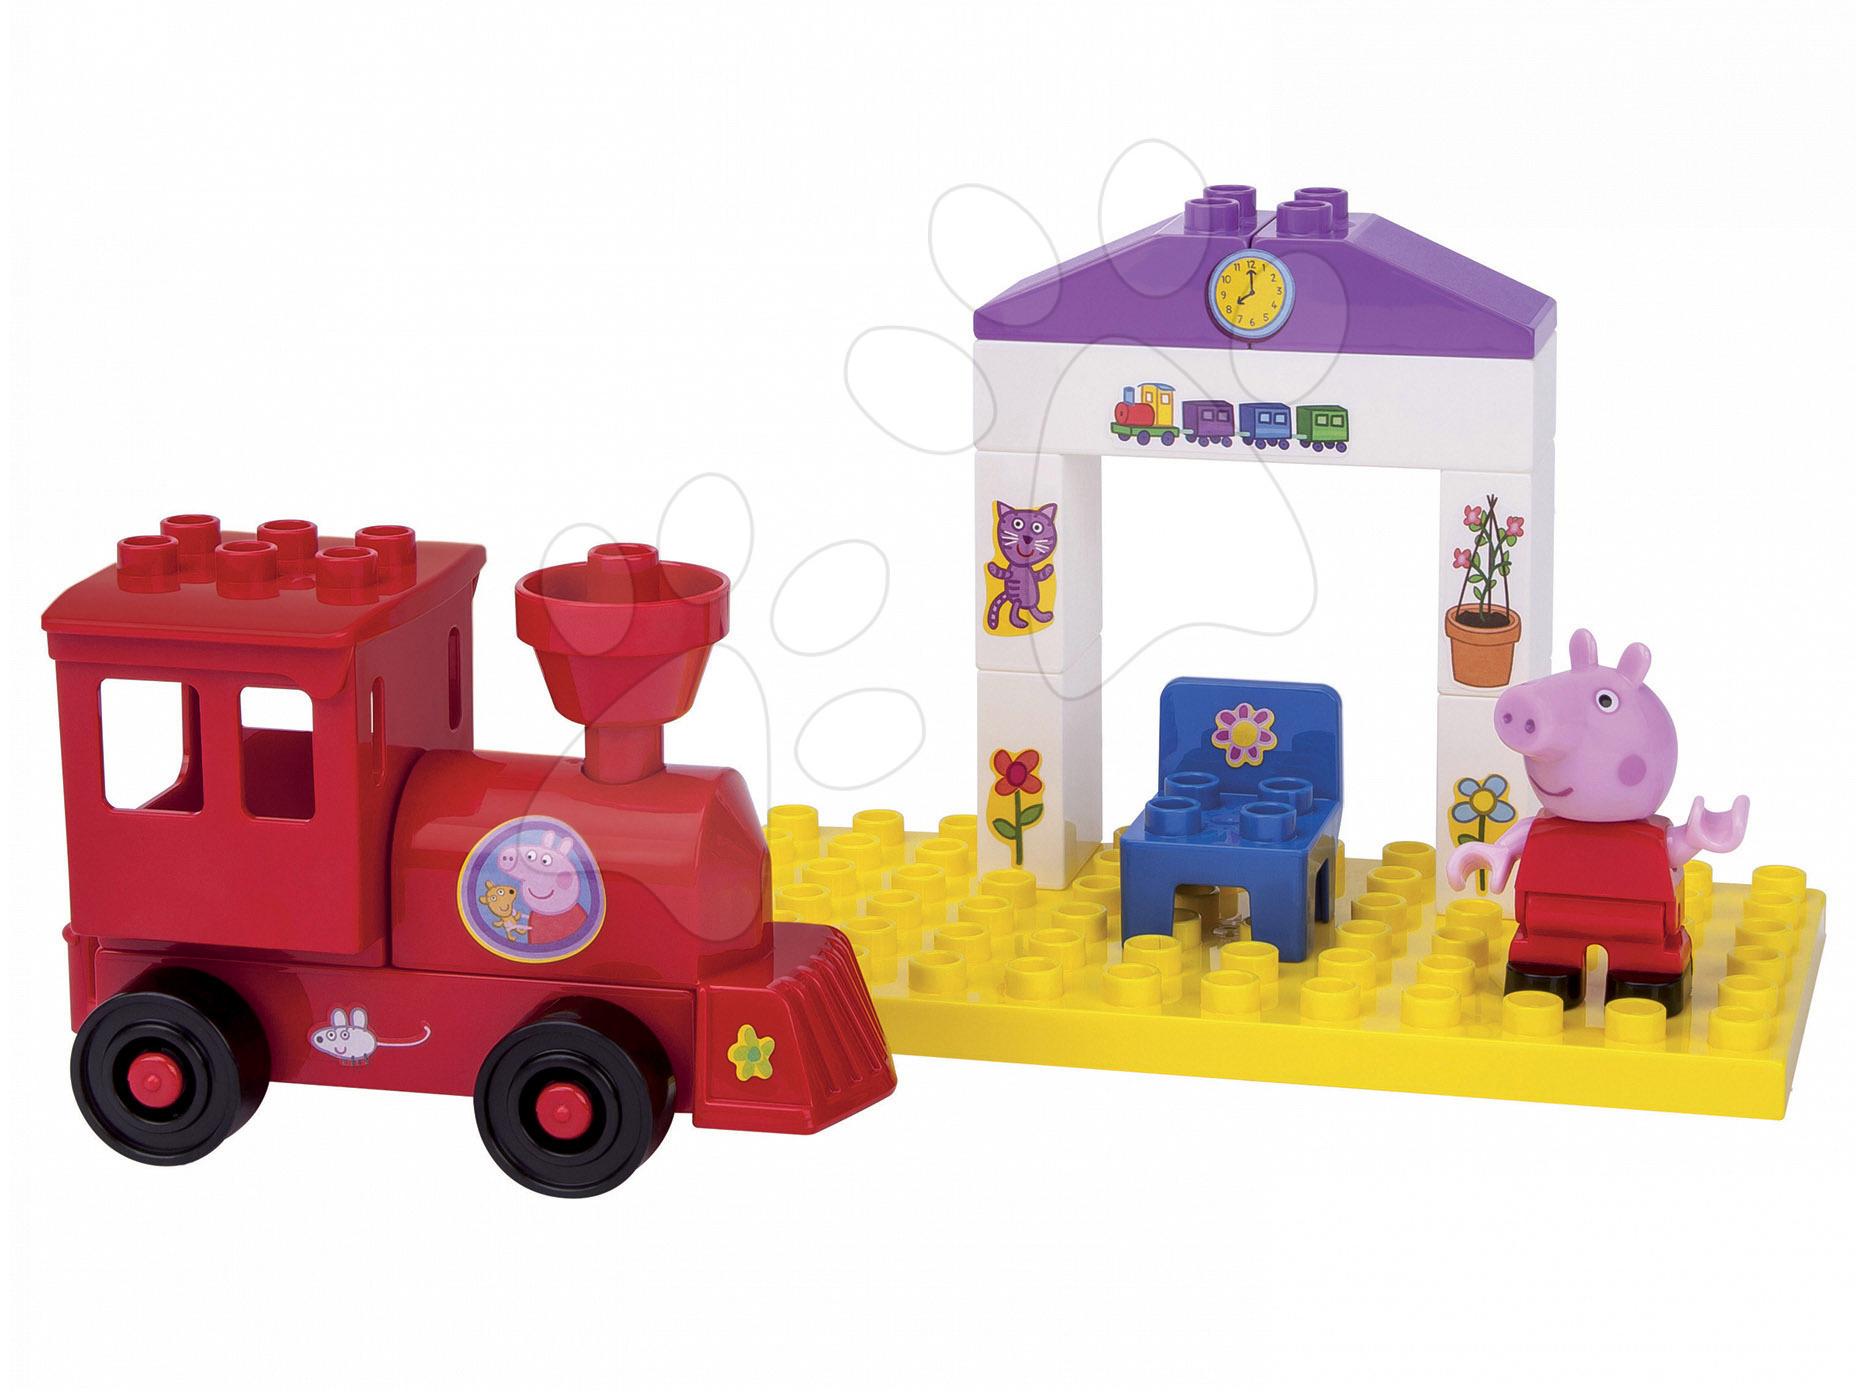 Stavebnice BIG-Bloxx ako lego - Stavebnica Peppa Pig na nástupišti PlayBIG Bloxx BIG s 1 figúrkou 15 dielov od 1,5-5 rokov